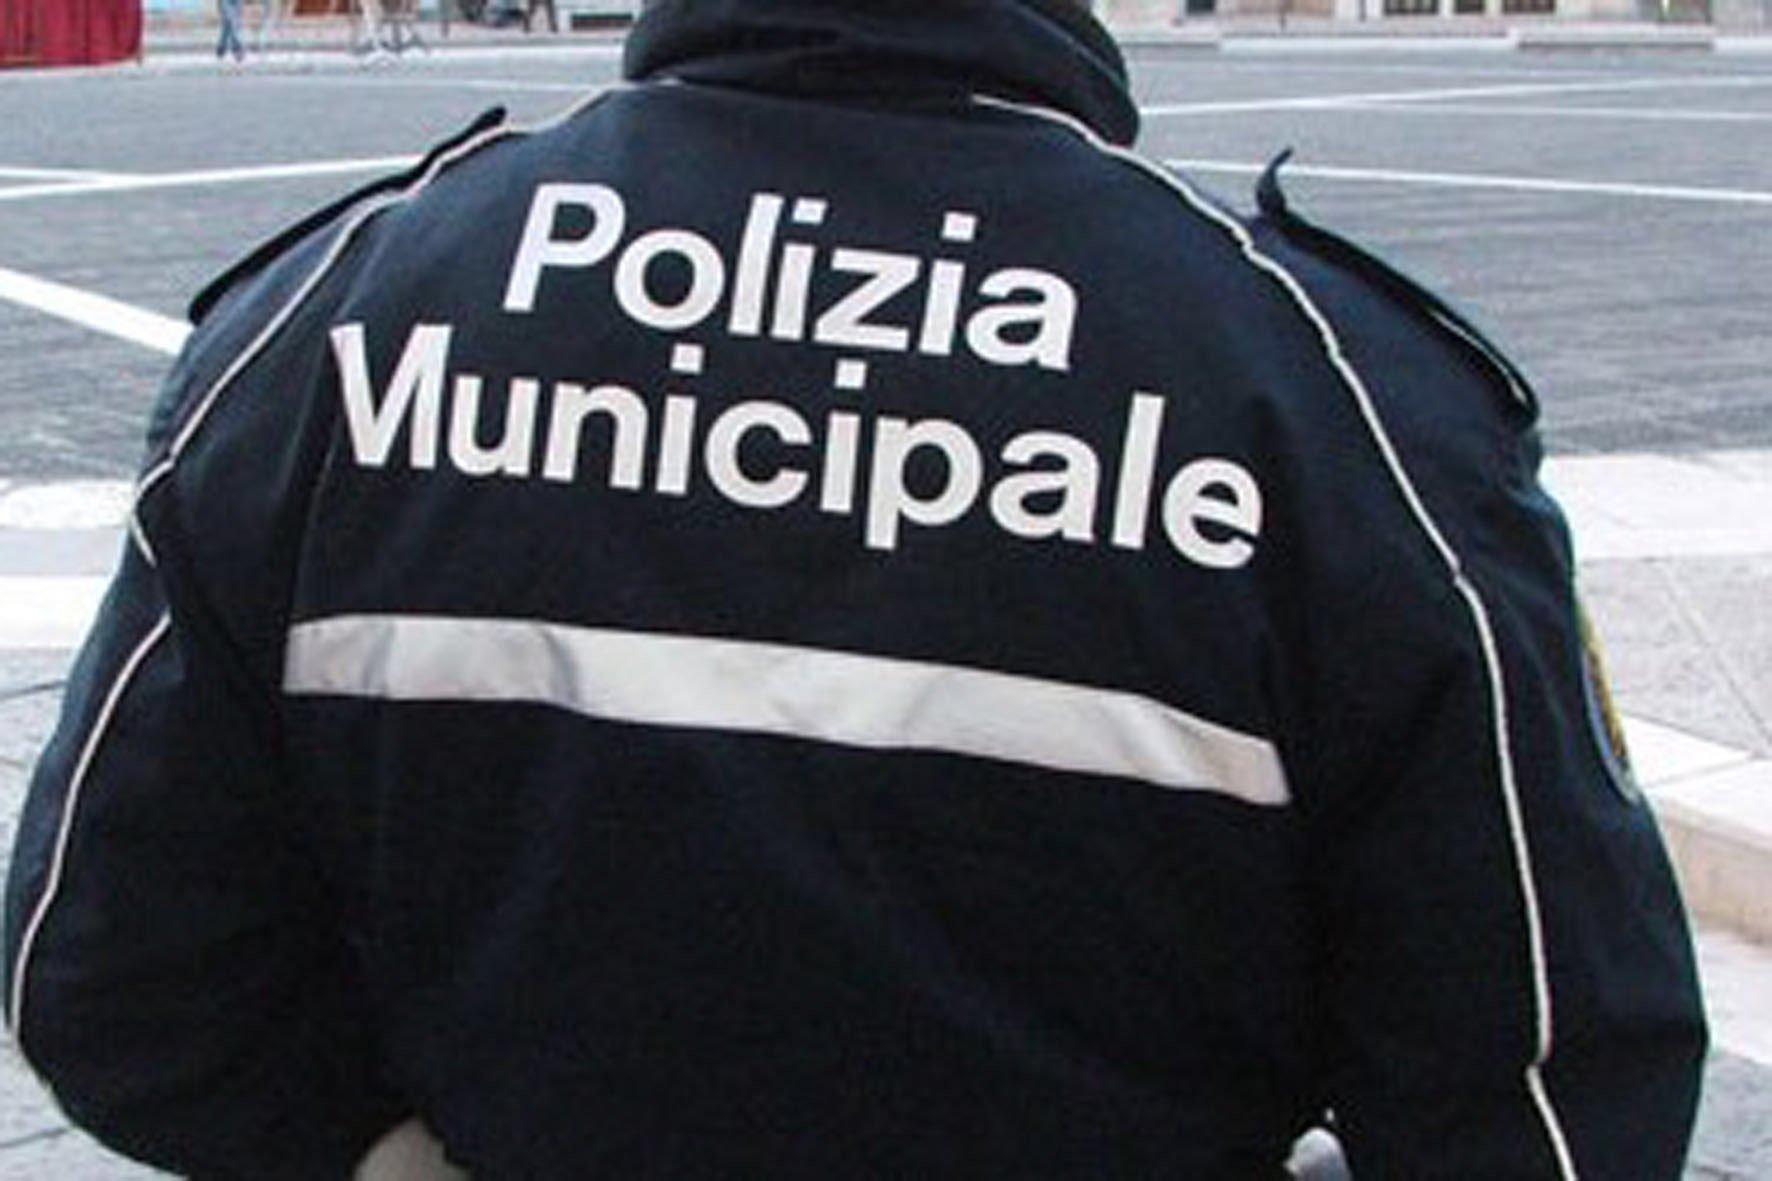 Airola-San Martino, la Polizia Municipale diventa unica